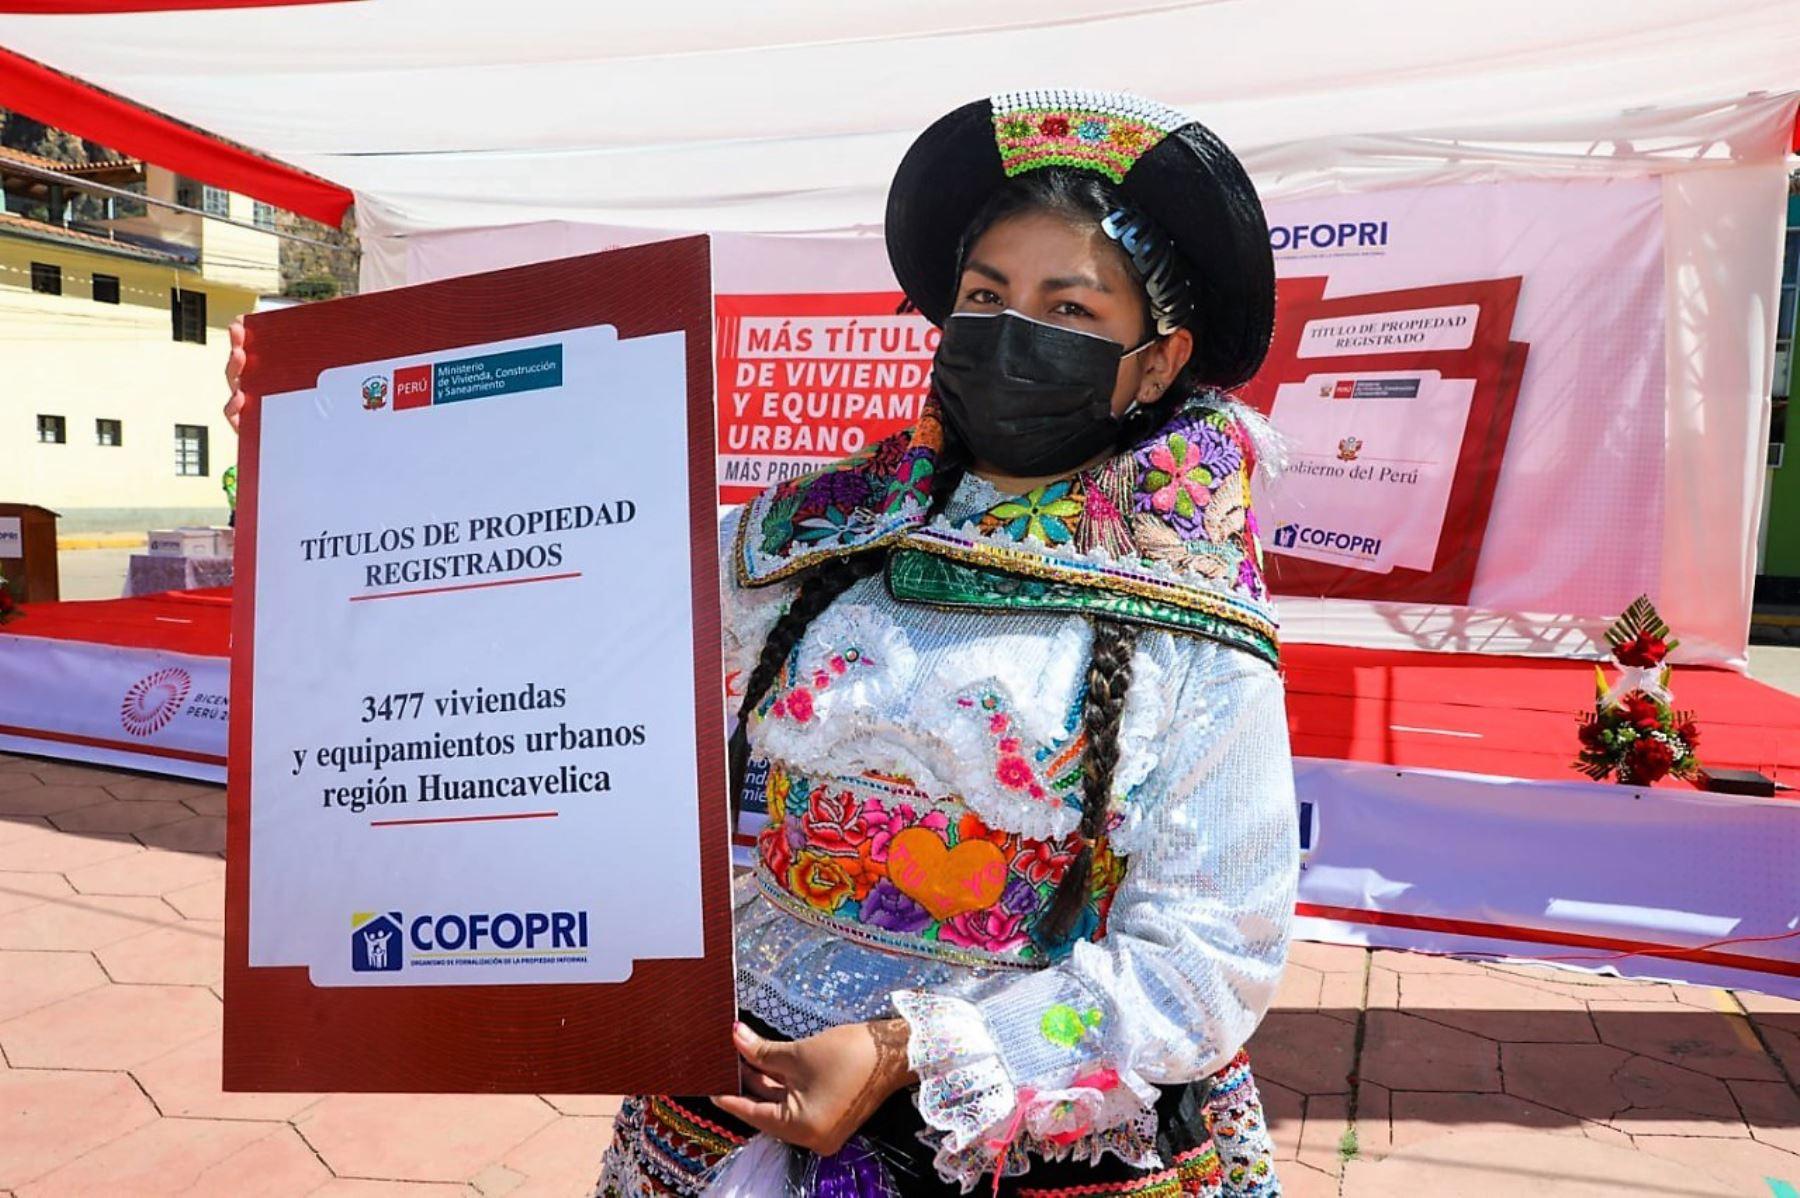 Una ciudadana de Huancavelica recibe el título de propiedad entregado por la ministra Solangel Fernández. Foto: ANDINA/difusión.